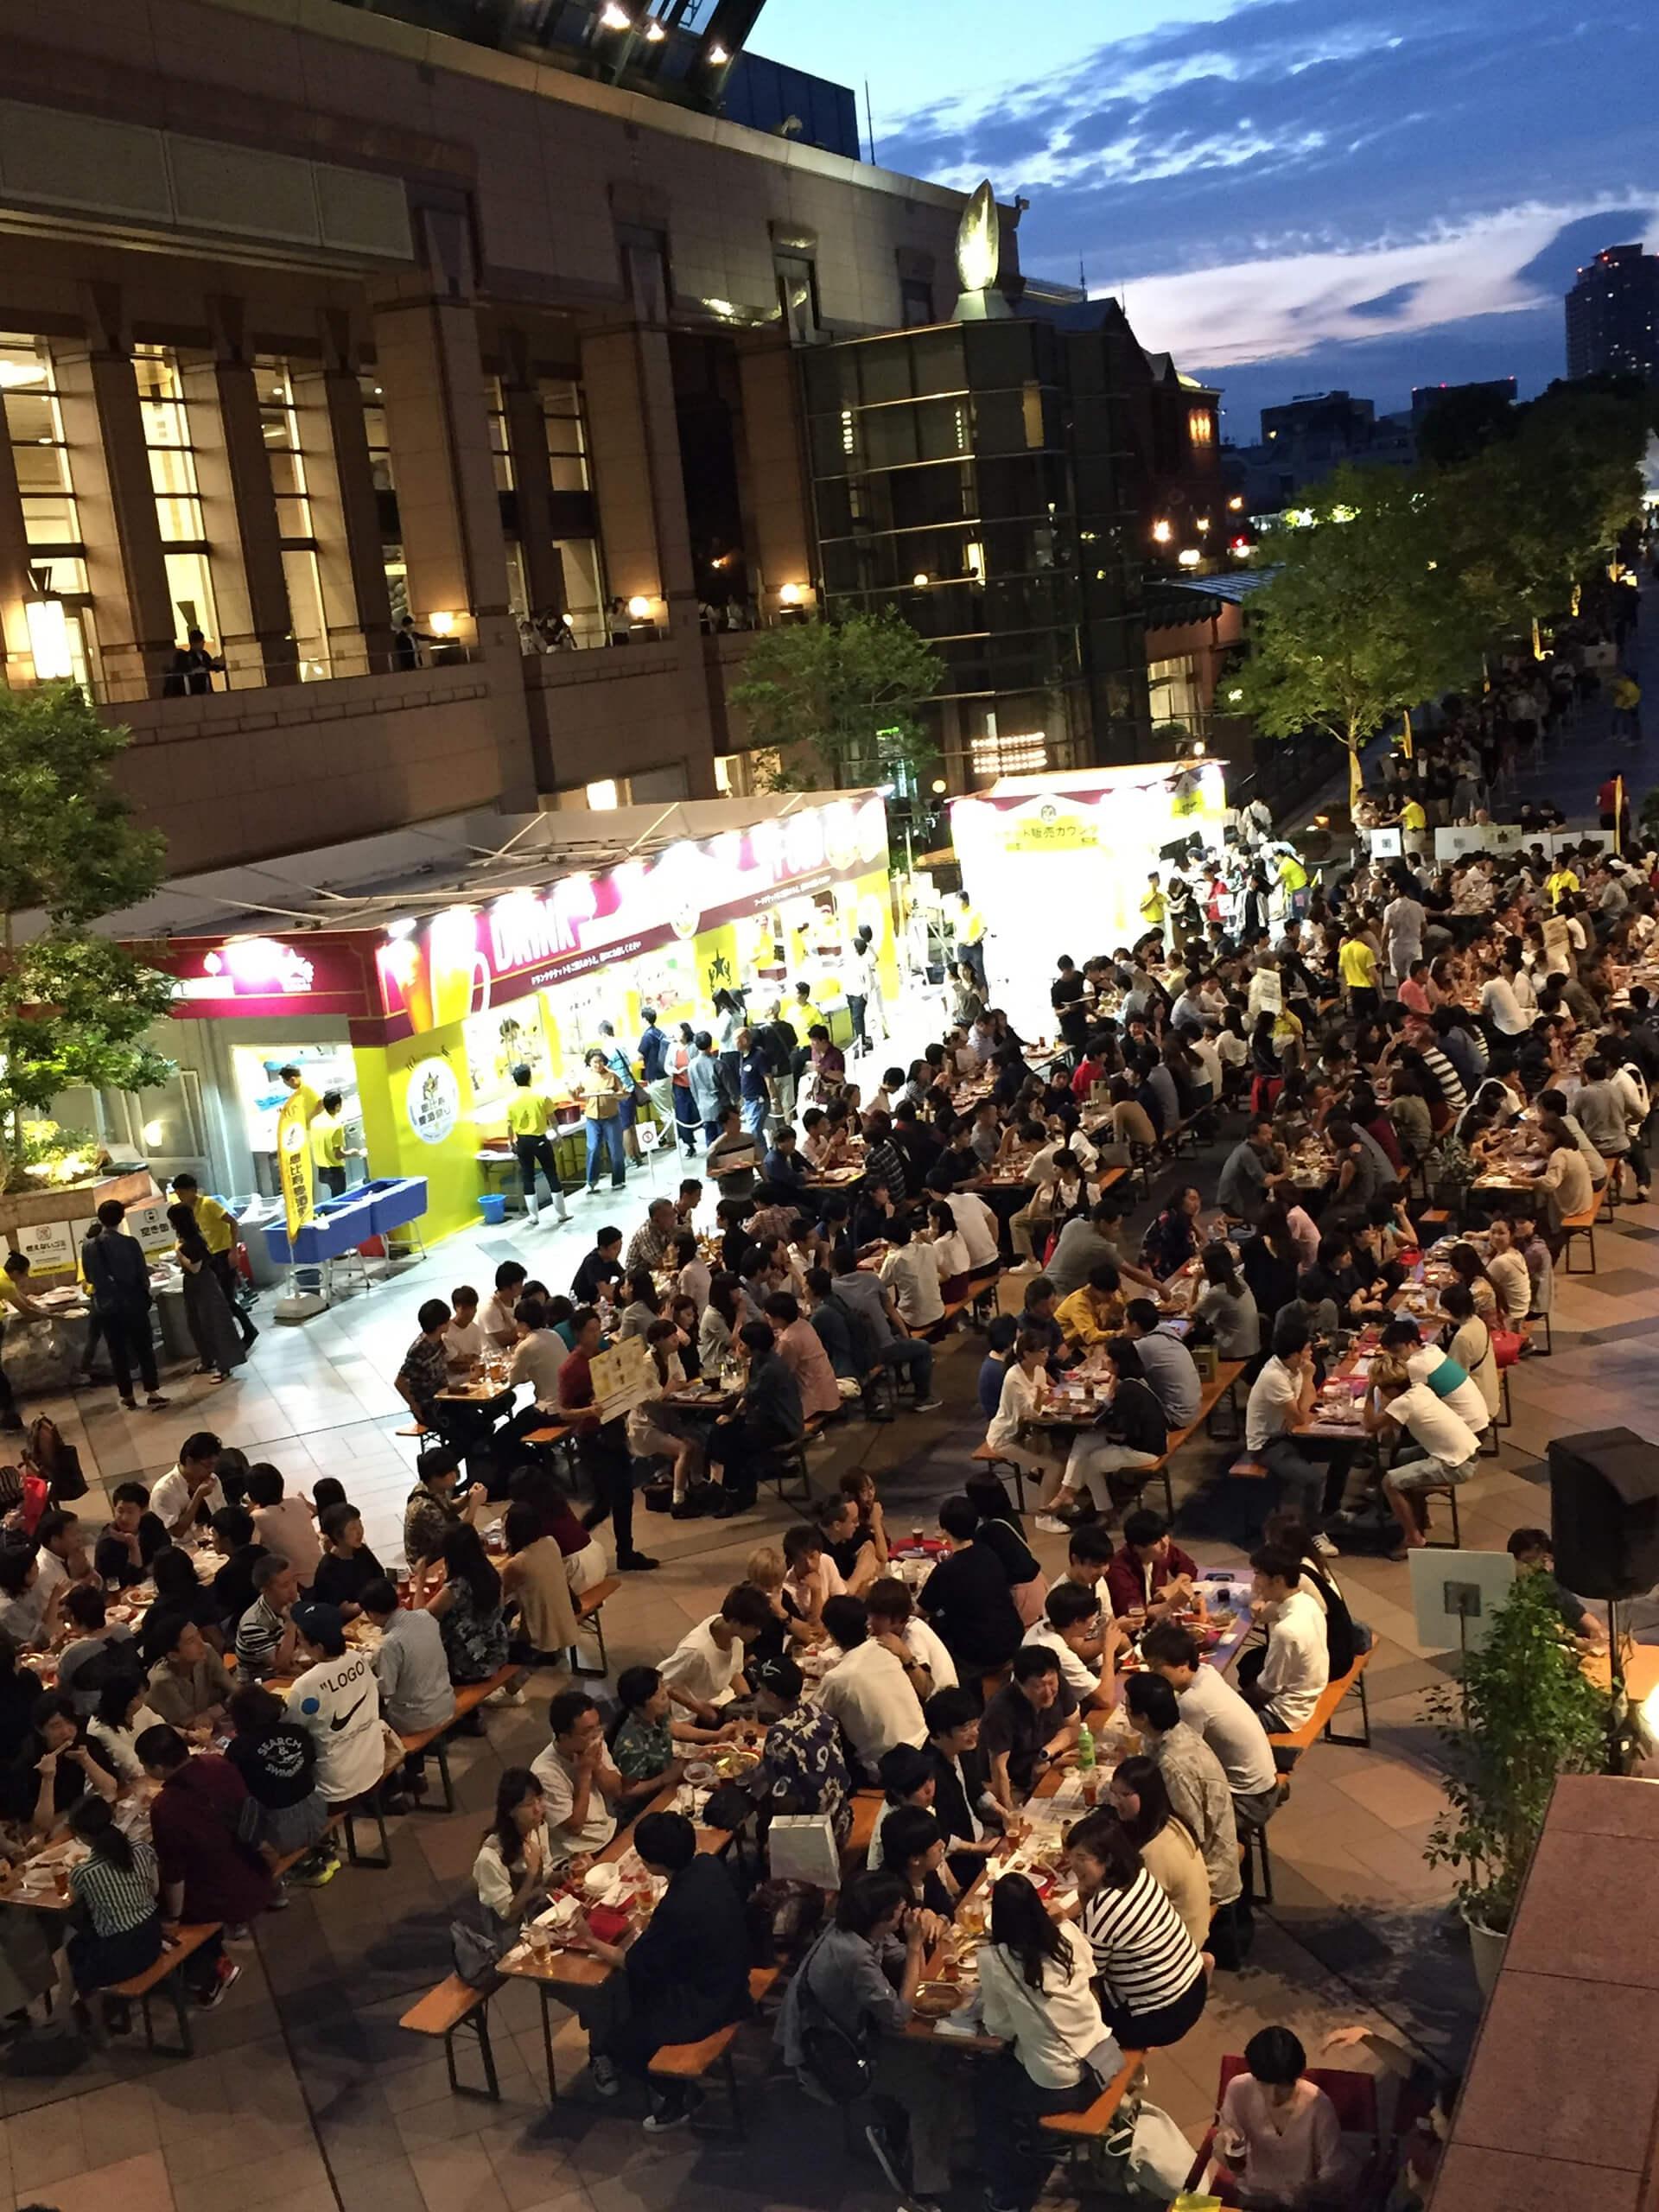 この写真は第11回「恵比寿麦酒祭り」のイメージ・会場全景